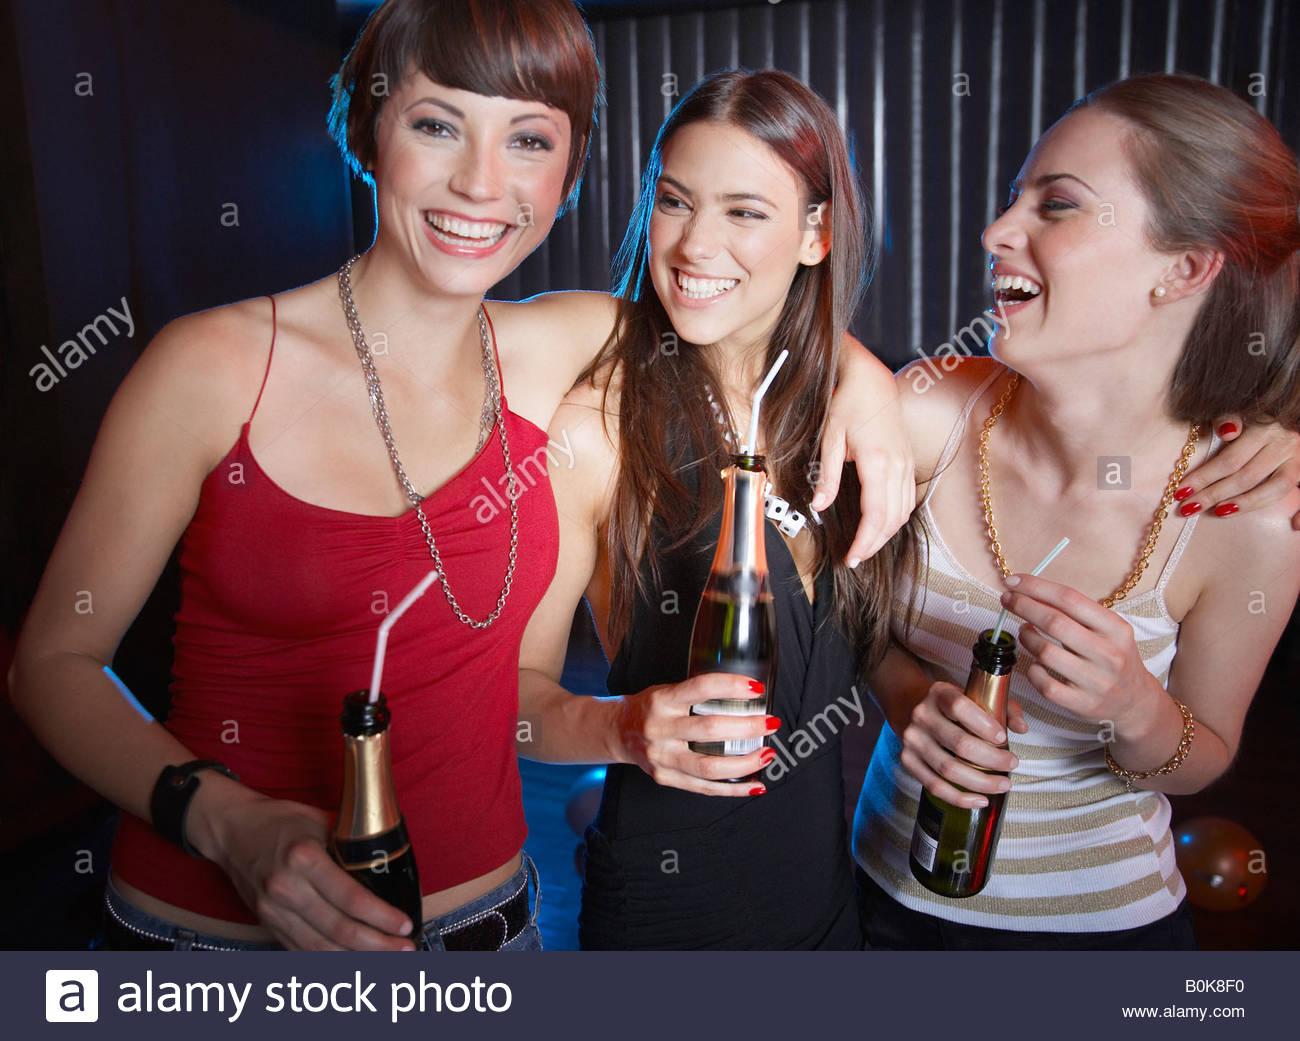 Tre donne in un night club di bere e ridere Immagini Stock